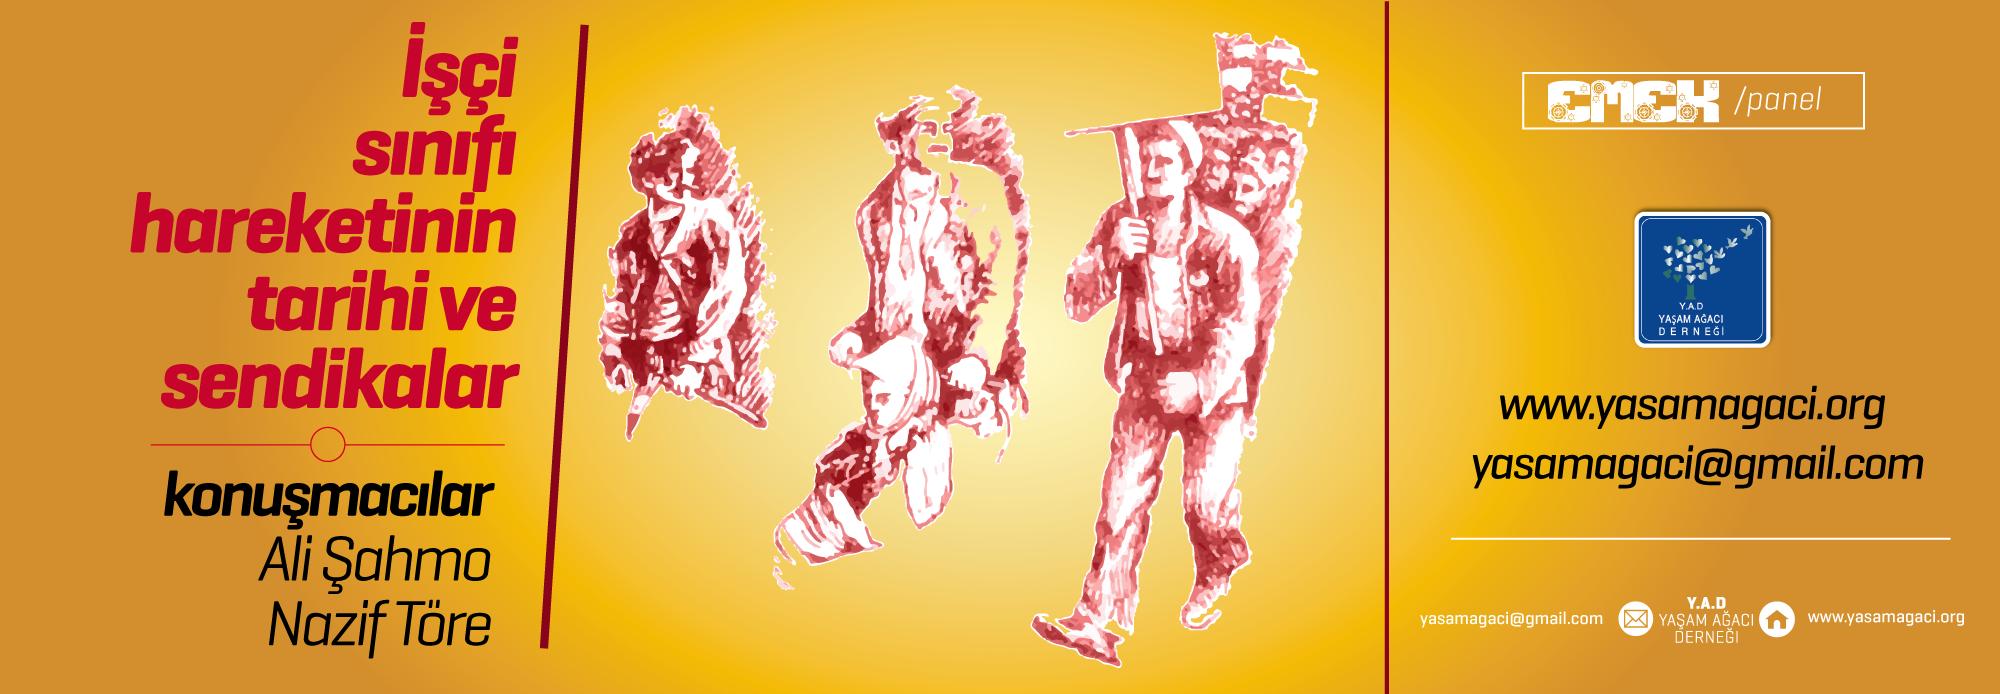 İşçi sınıfı hareketinin tarihi ve sendikalar